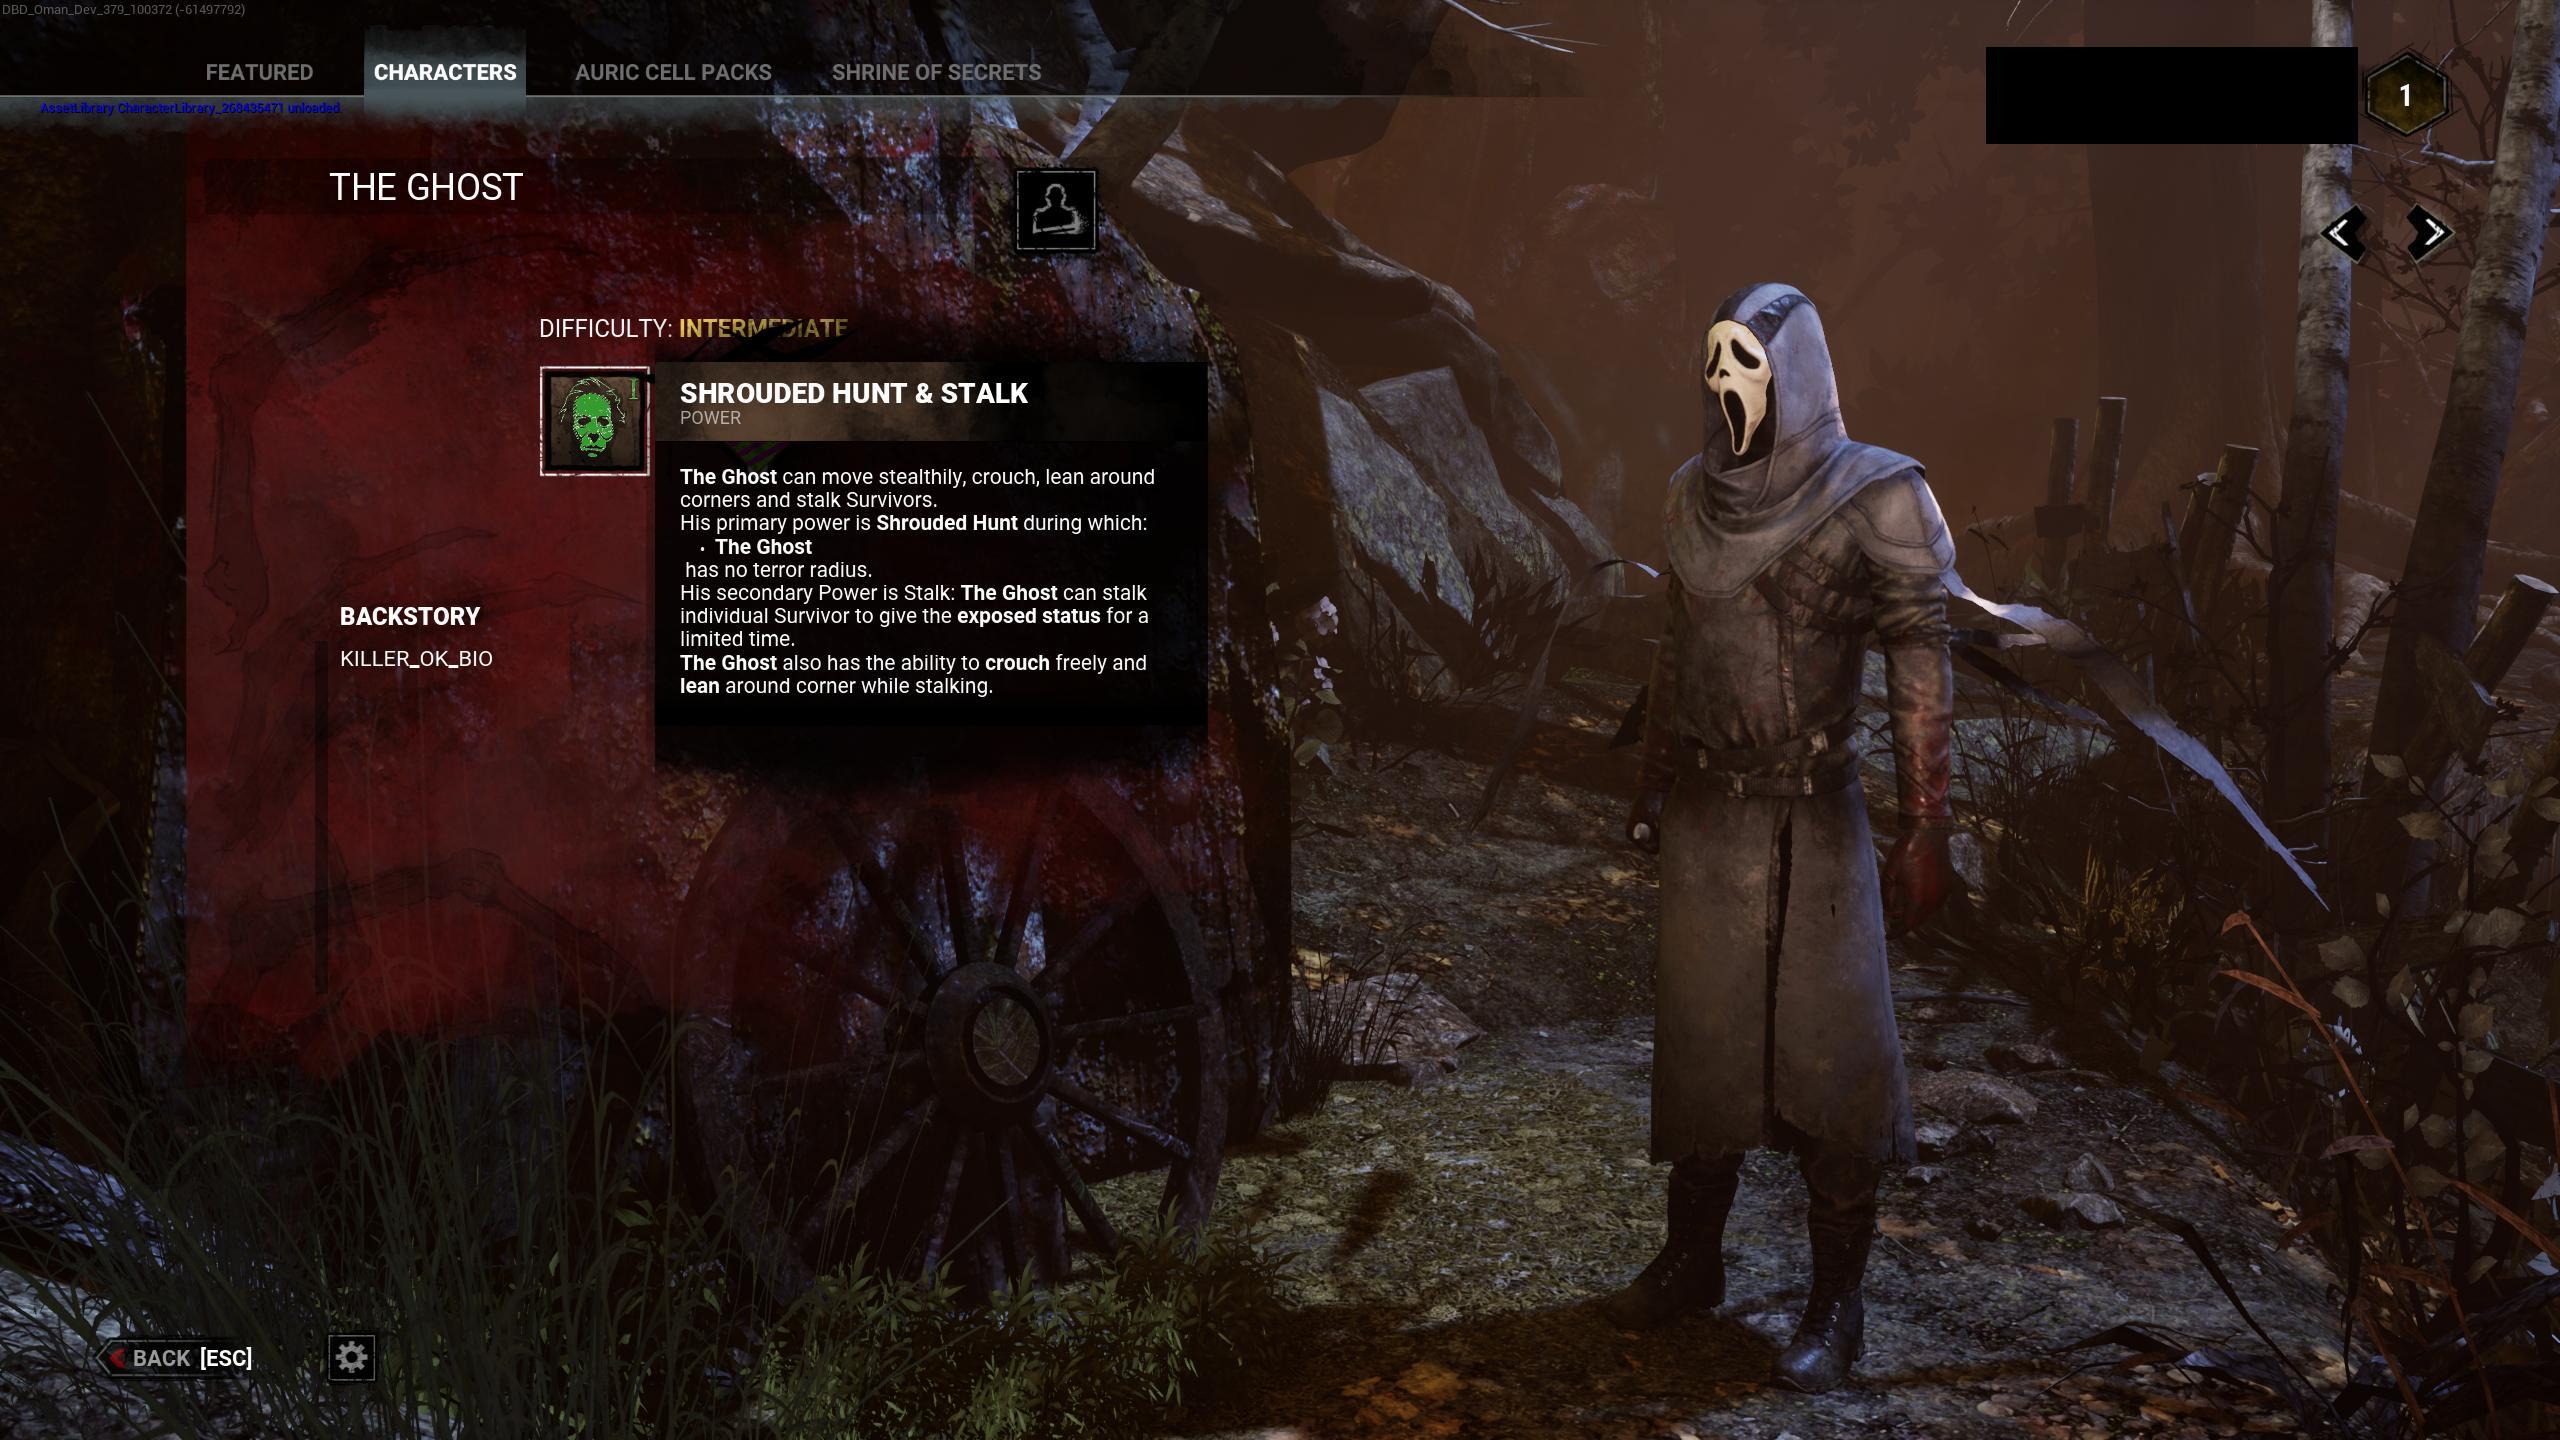 Shrouded Hunt & Stalk